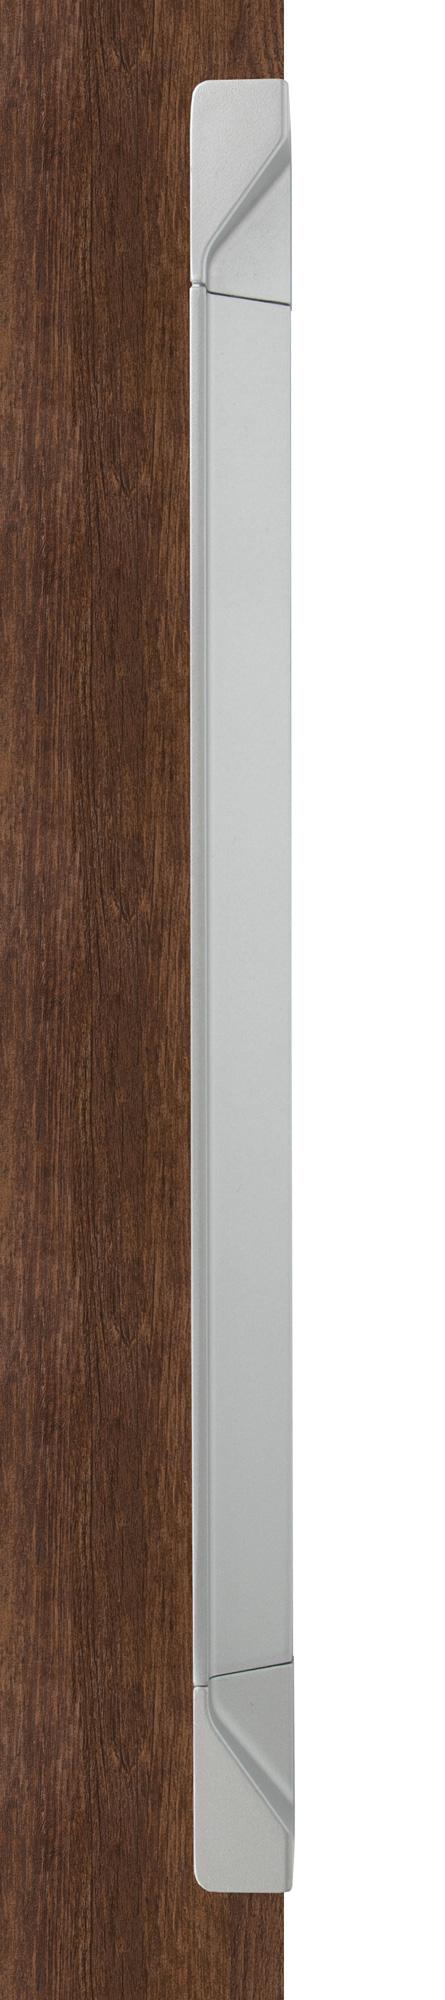 Ручка врезная мебельная, L 500мм мат.серебро